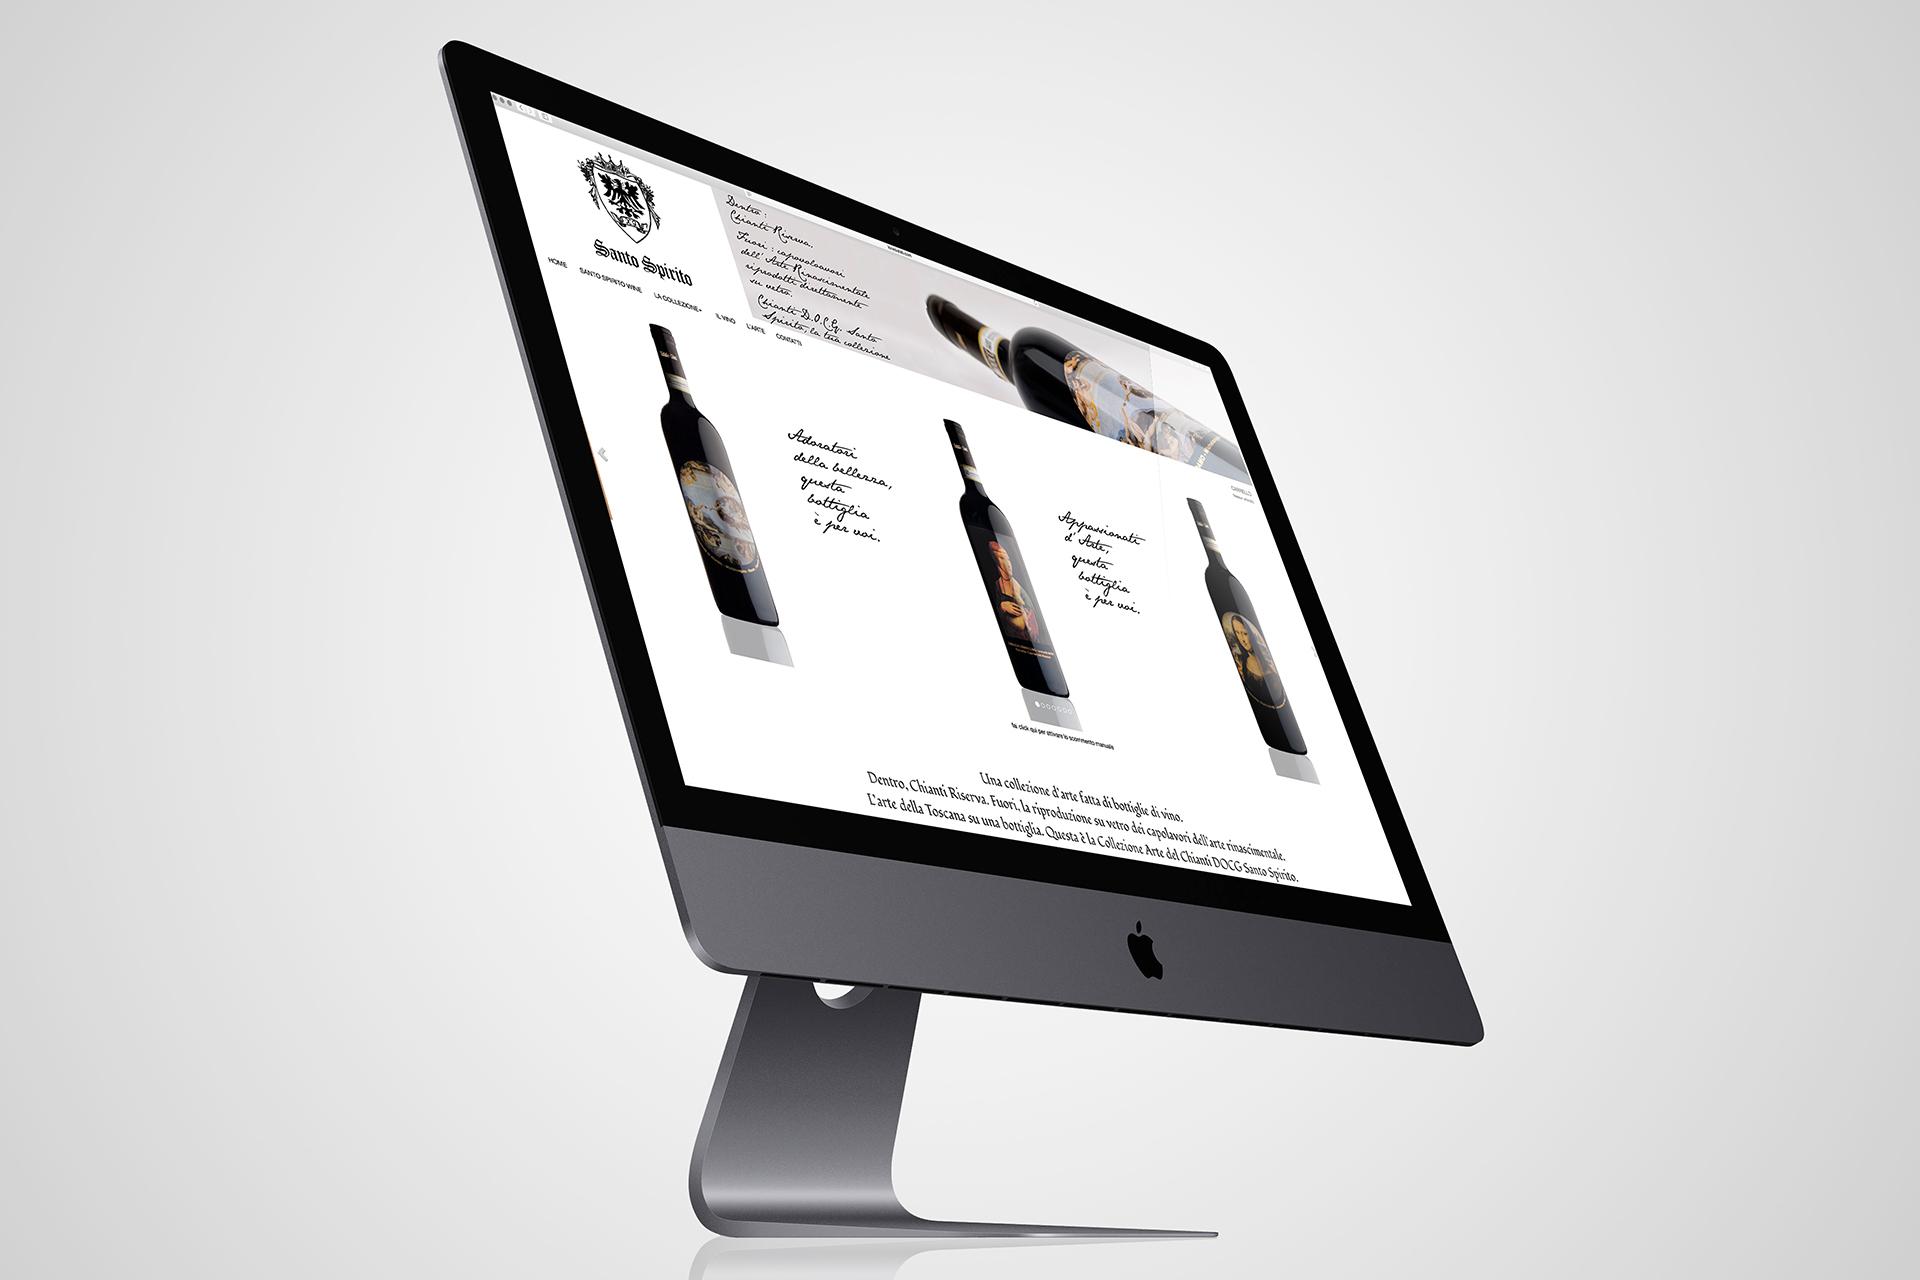 onafez design santo spirito collezione arte website webdesign